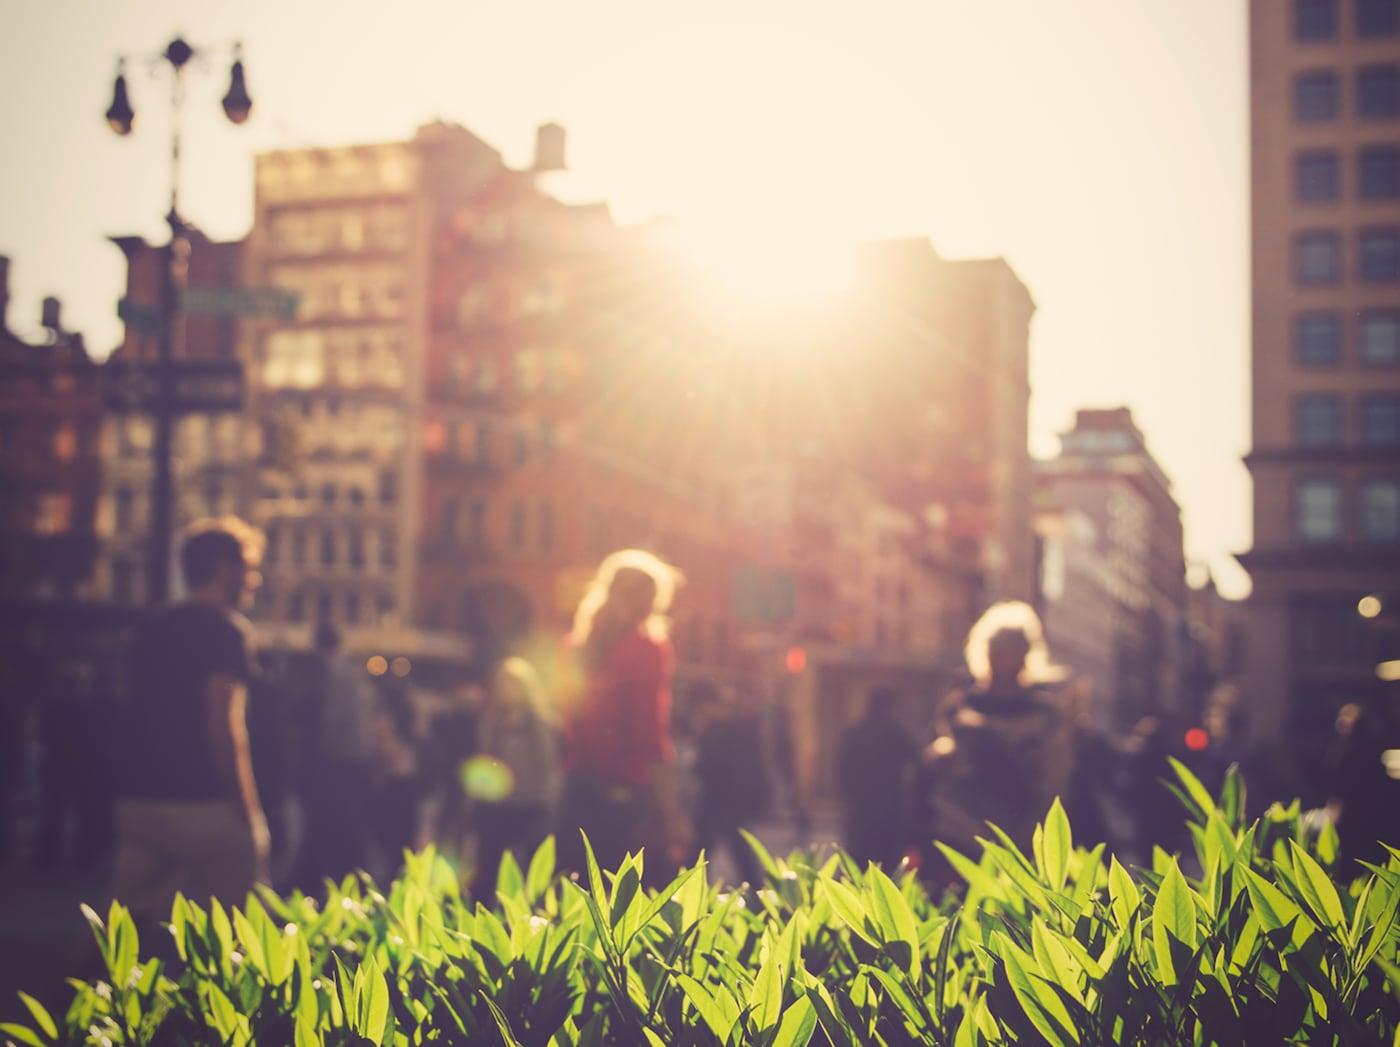 Солнечные лучи, пробиваясь сквозь окна зданий, освещают яркое зеленое растение. Вдалеке прогуливаются люди.